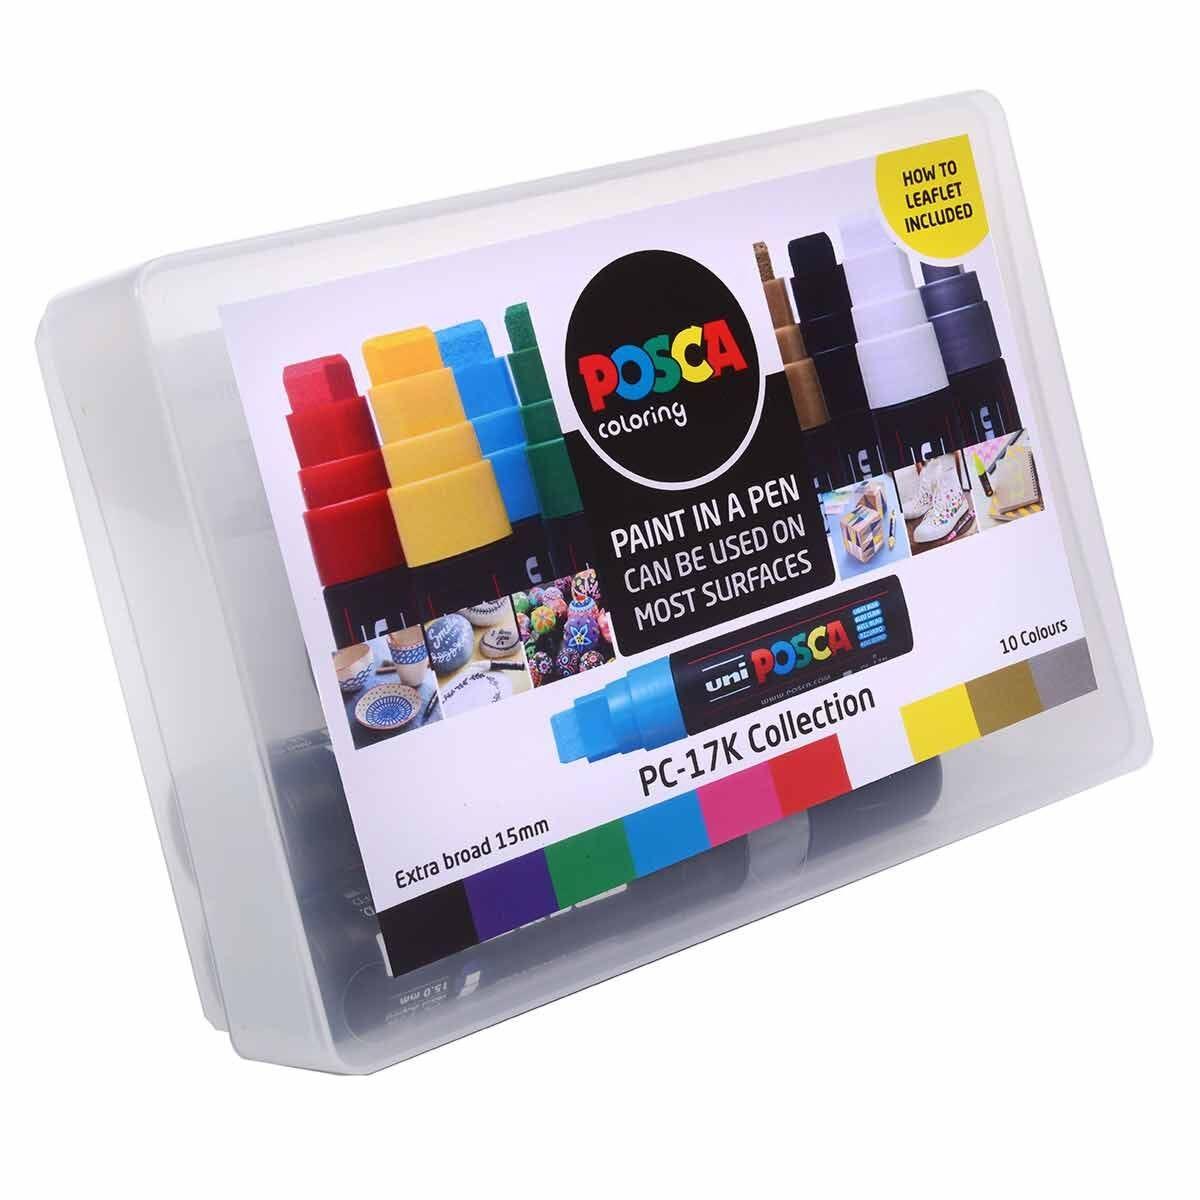 POSCA PC-17K 10 Colour Collection Box